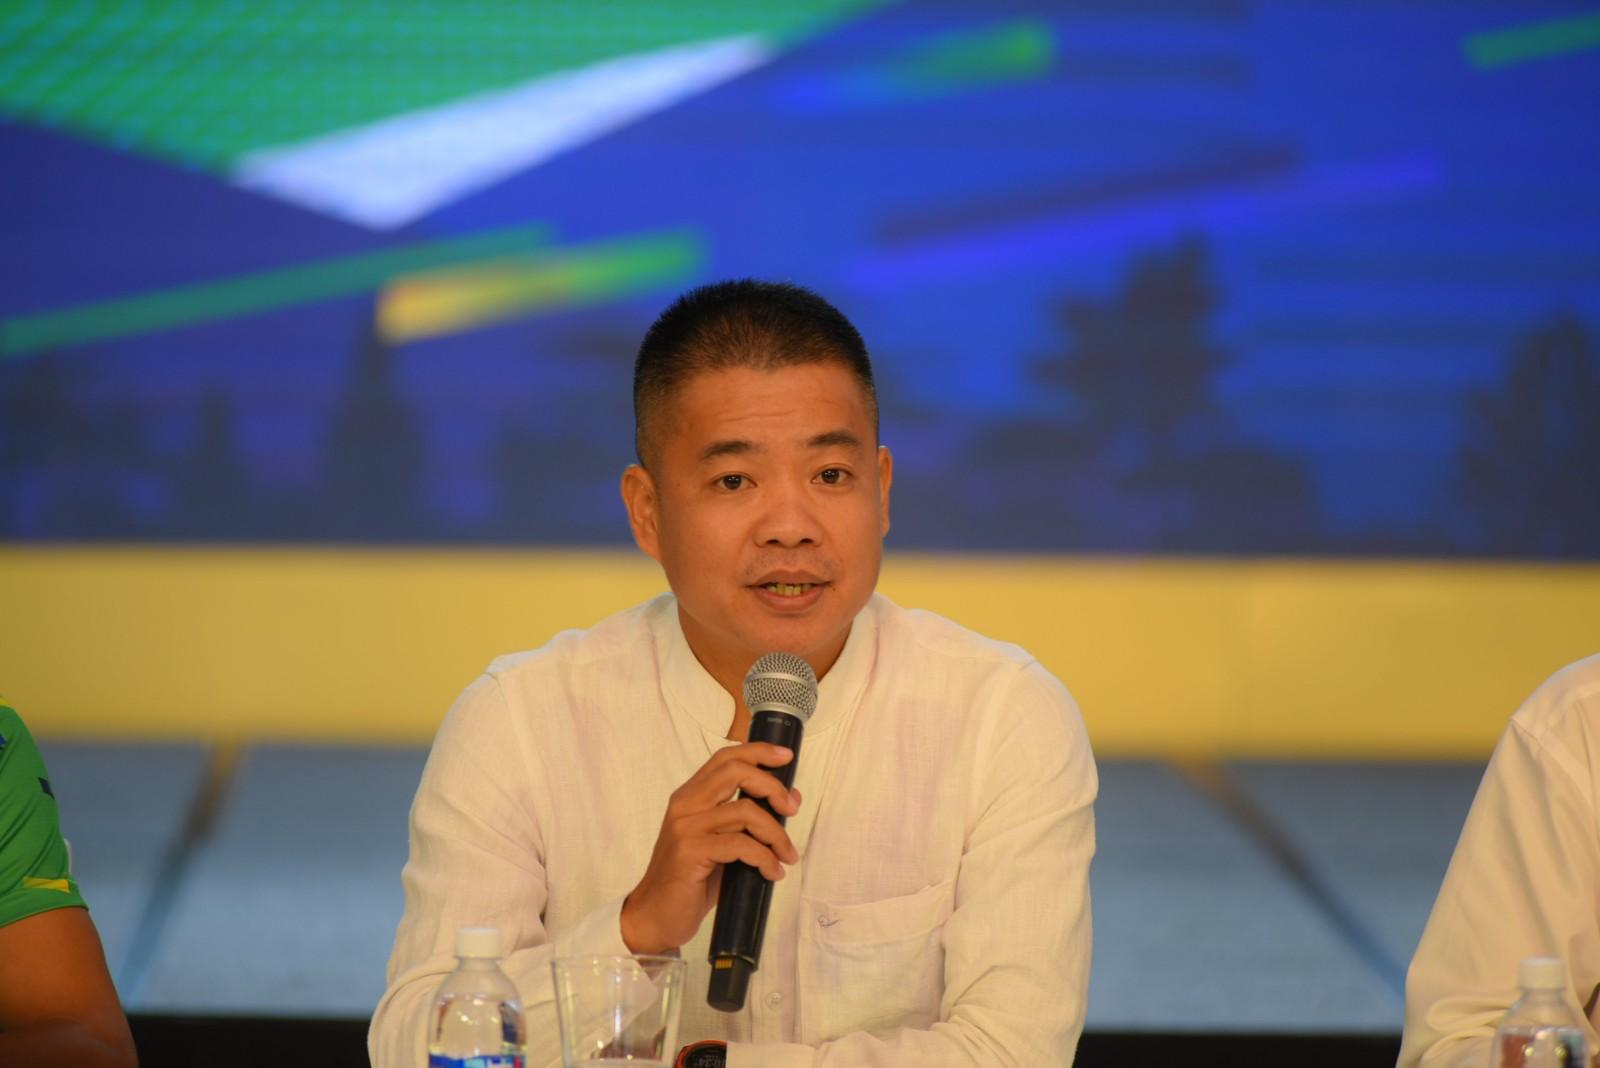 Ông Nguyễn Từ Anh- Giám đốc điều hành Công ty CP Truyền thông Nexus- đơn vị tổ chức